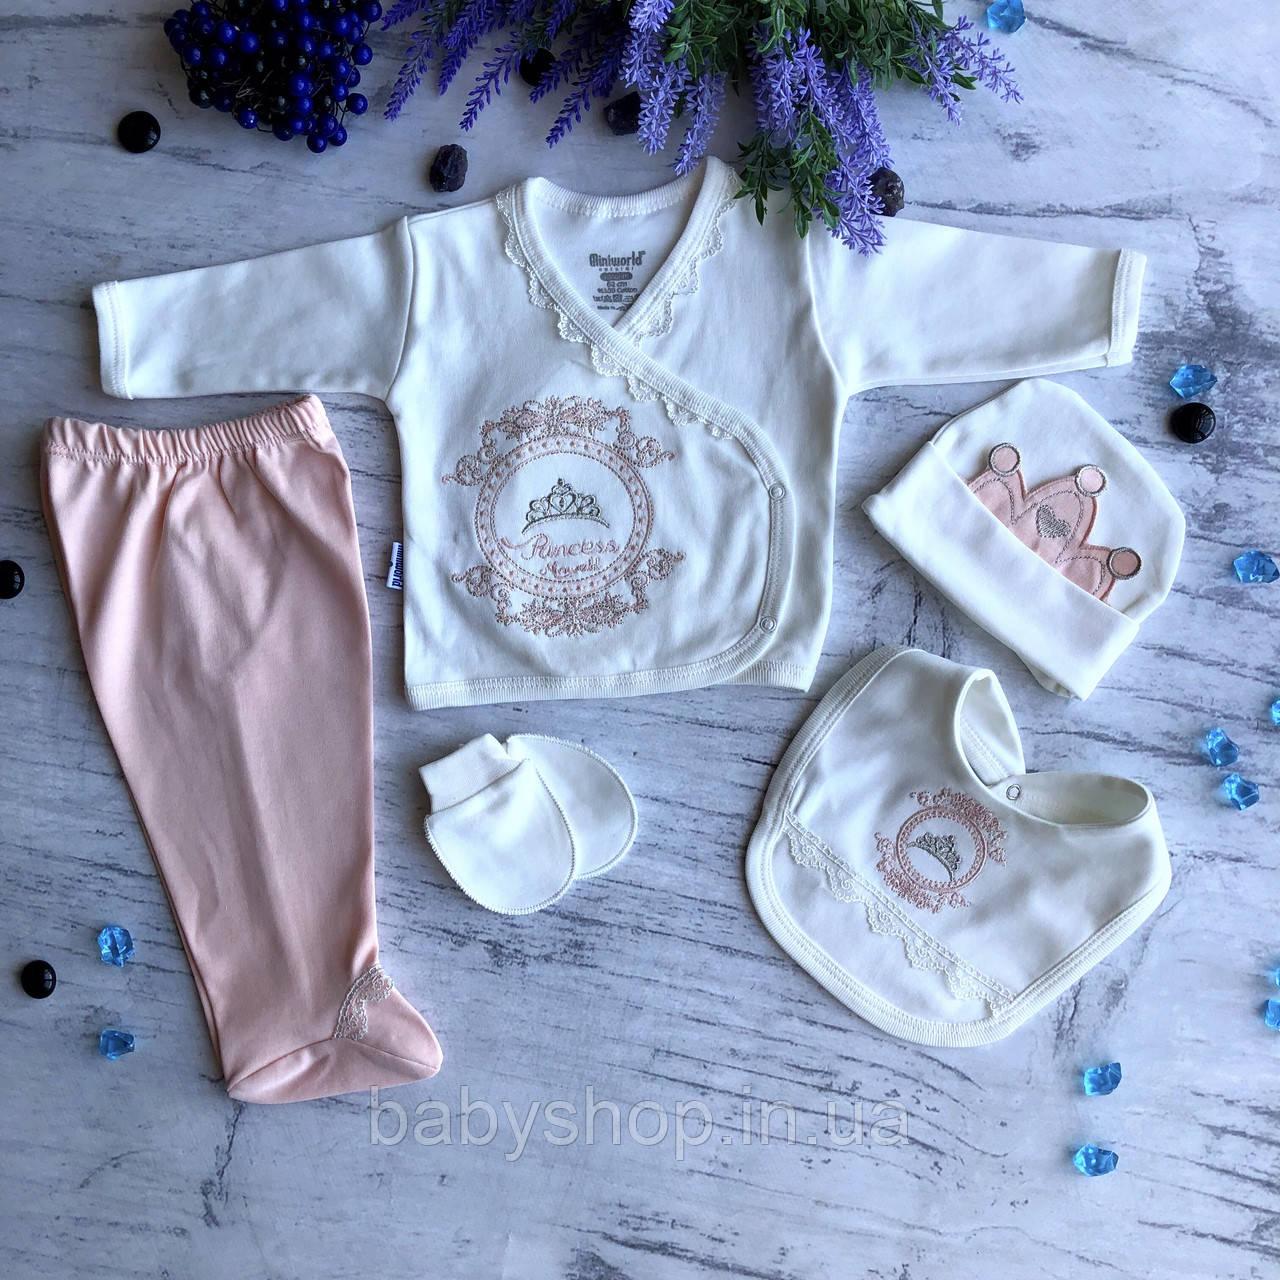 Крестильный костюм,  набор на выписку для девочки Miniworld 4. Размер 62 см